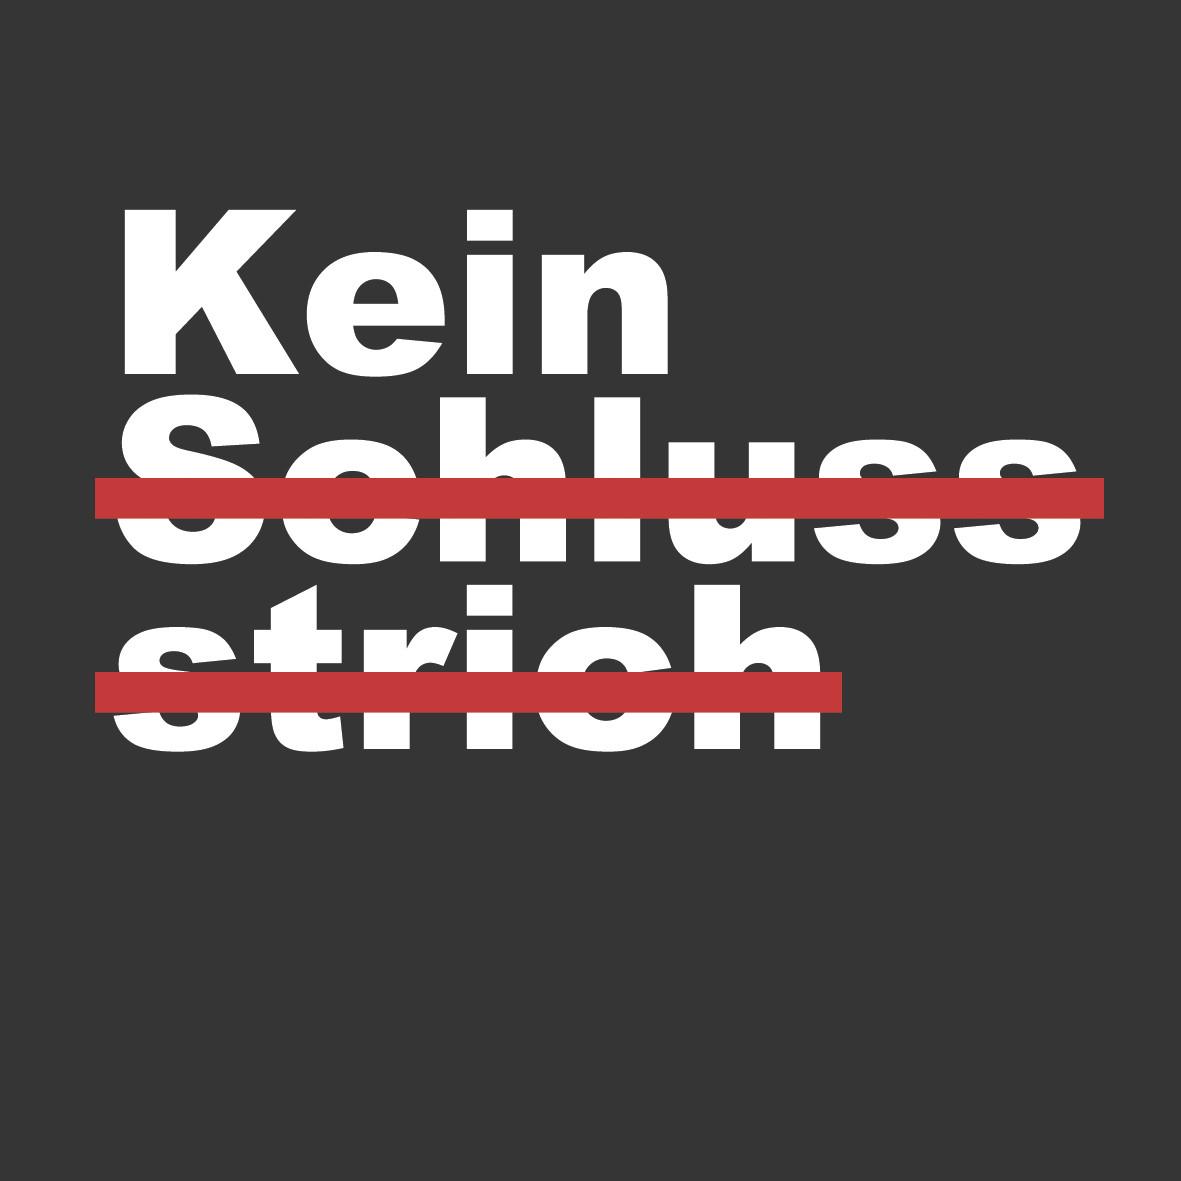 Logo Schriftzug Kein Schlussstrich